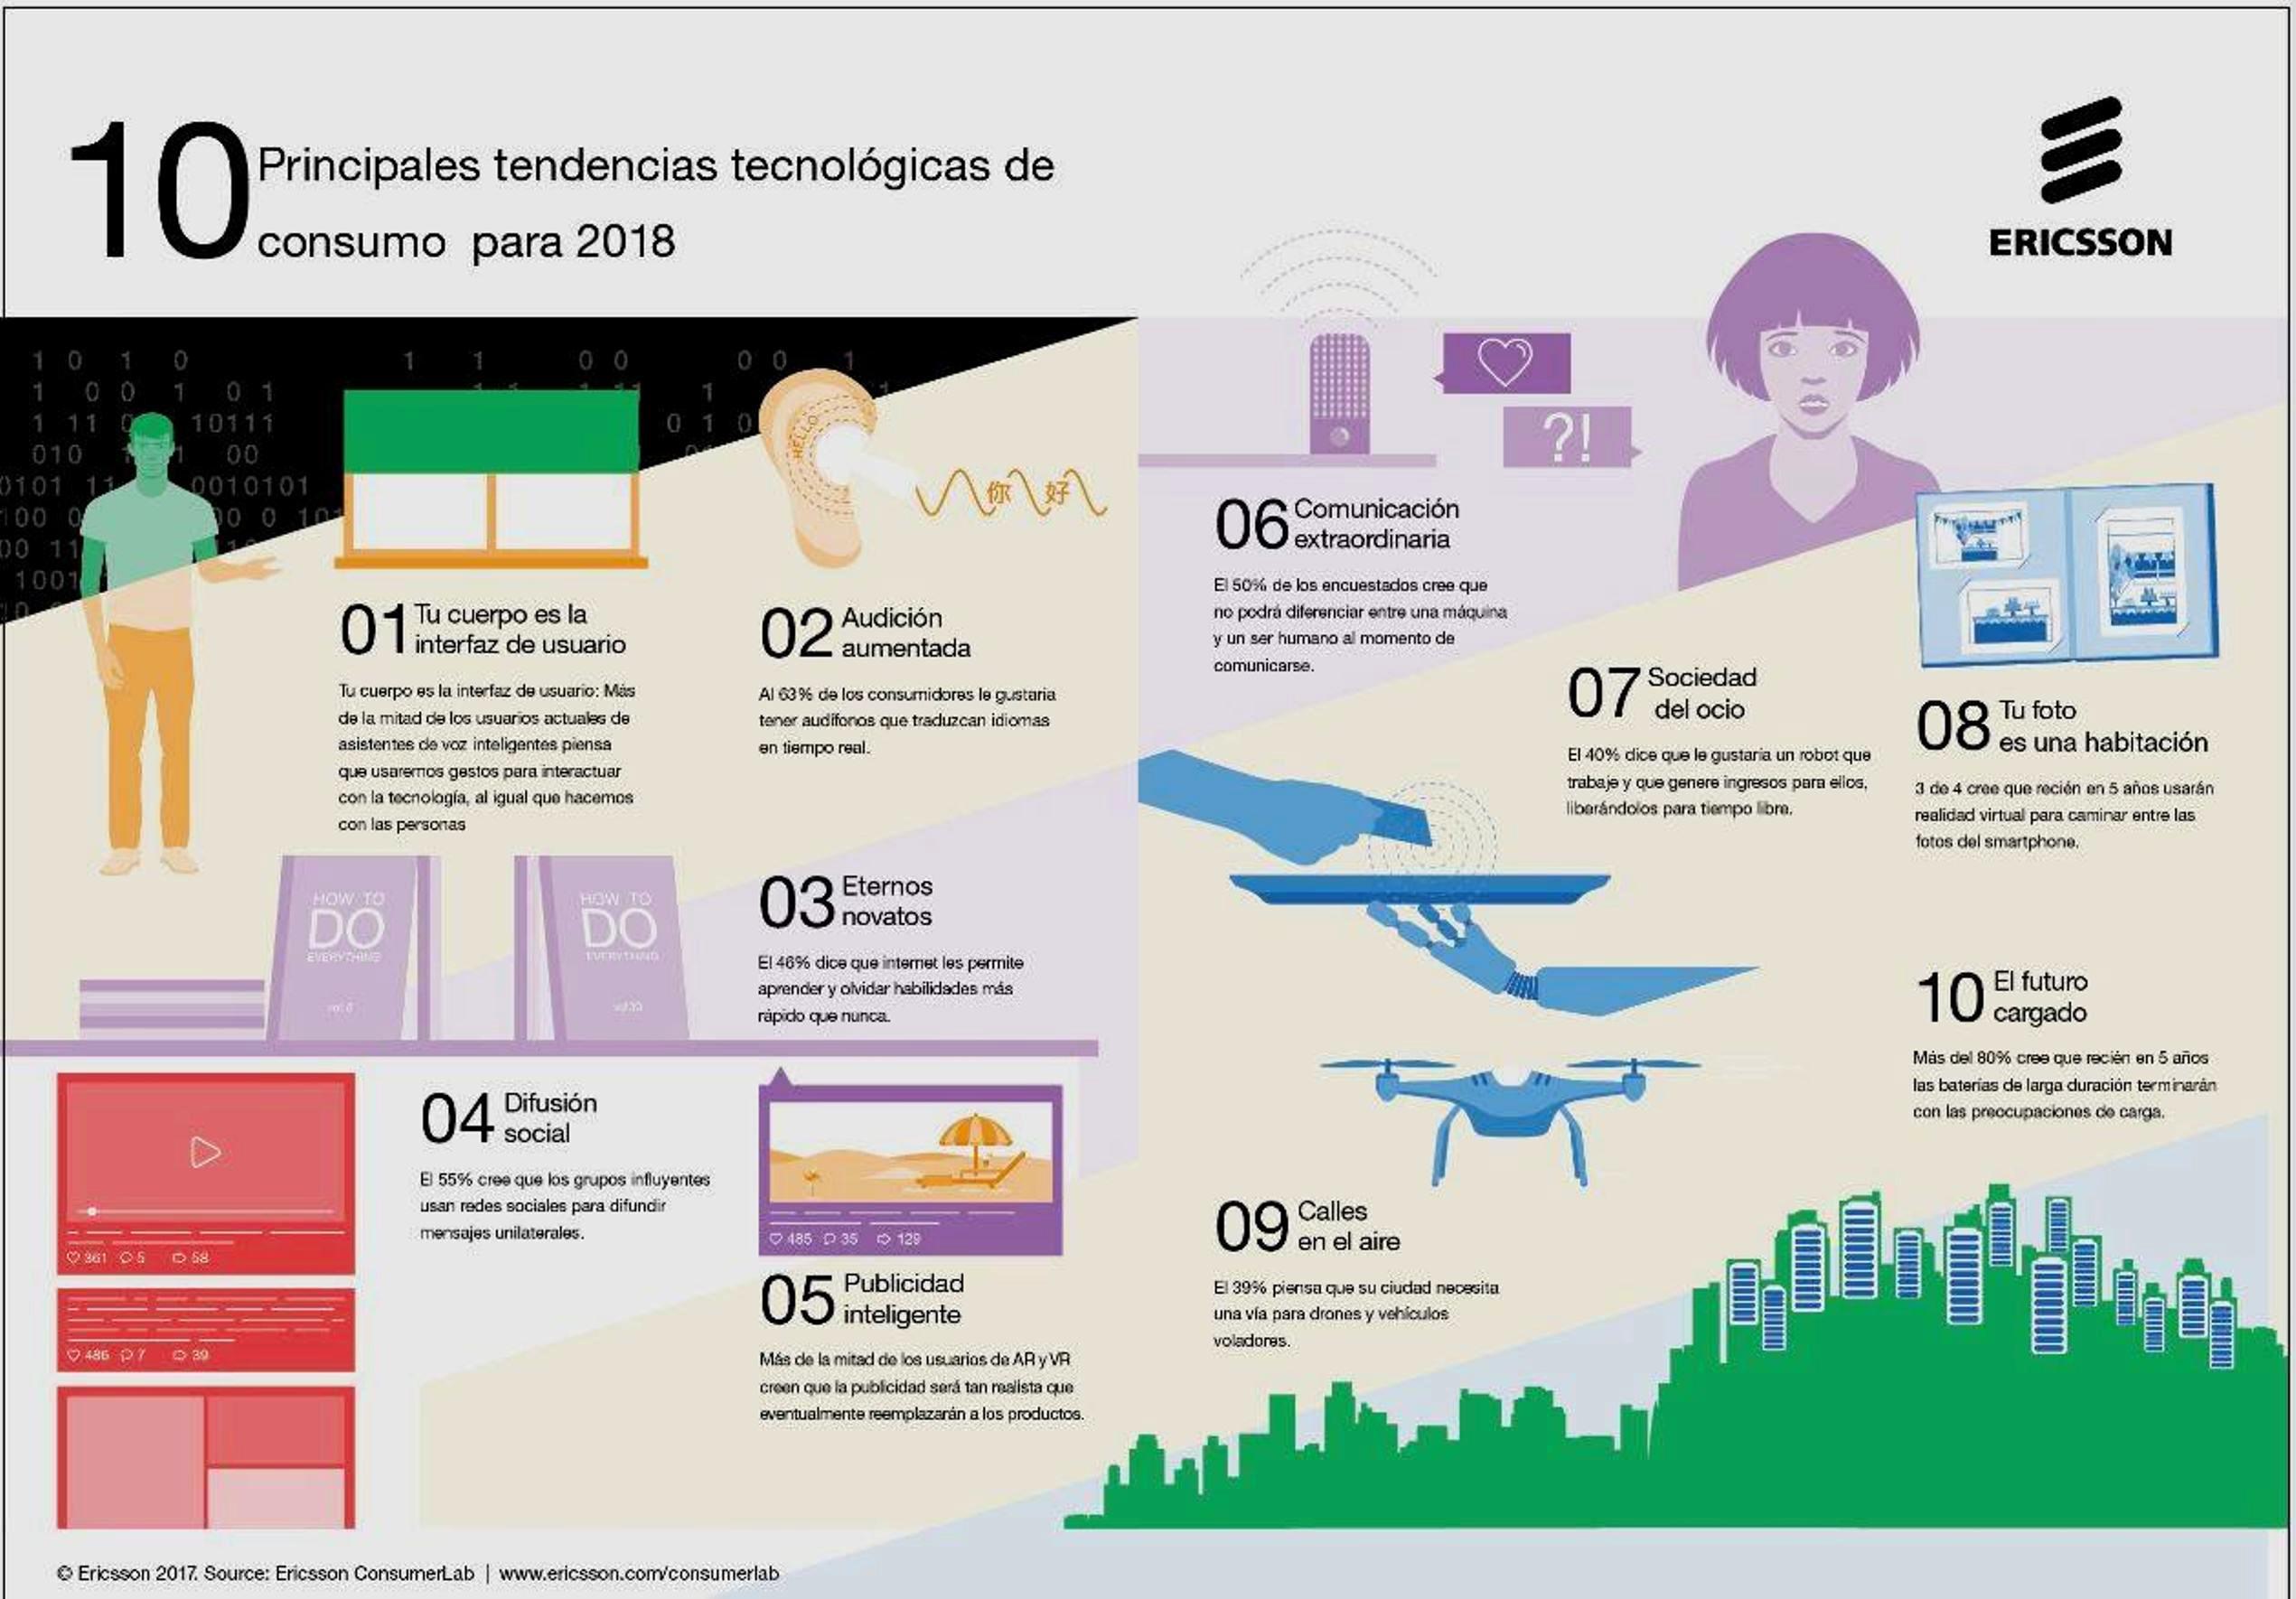 10 principales tendencias tecnológicas de consumo para 2018